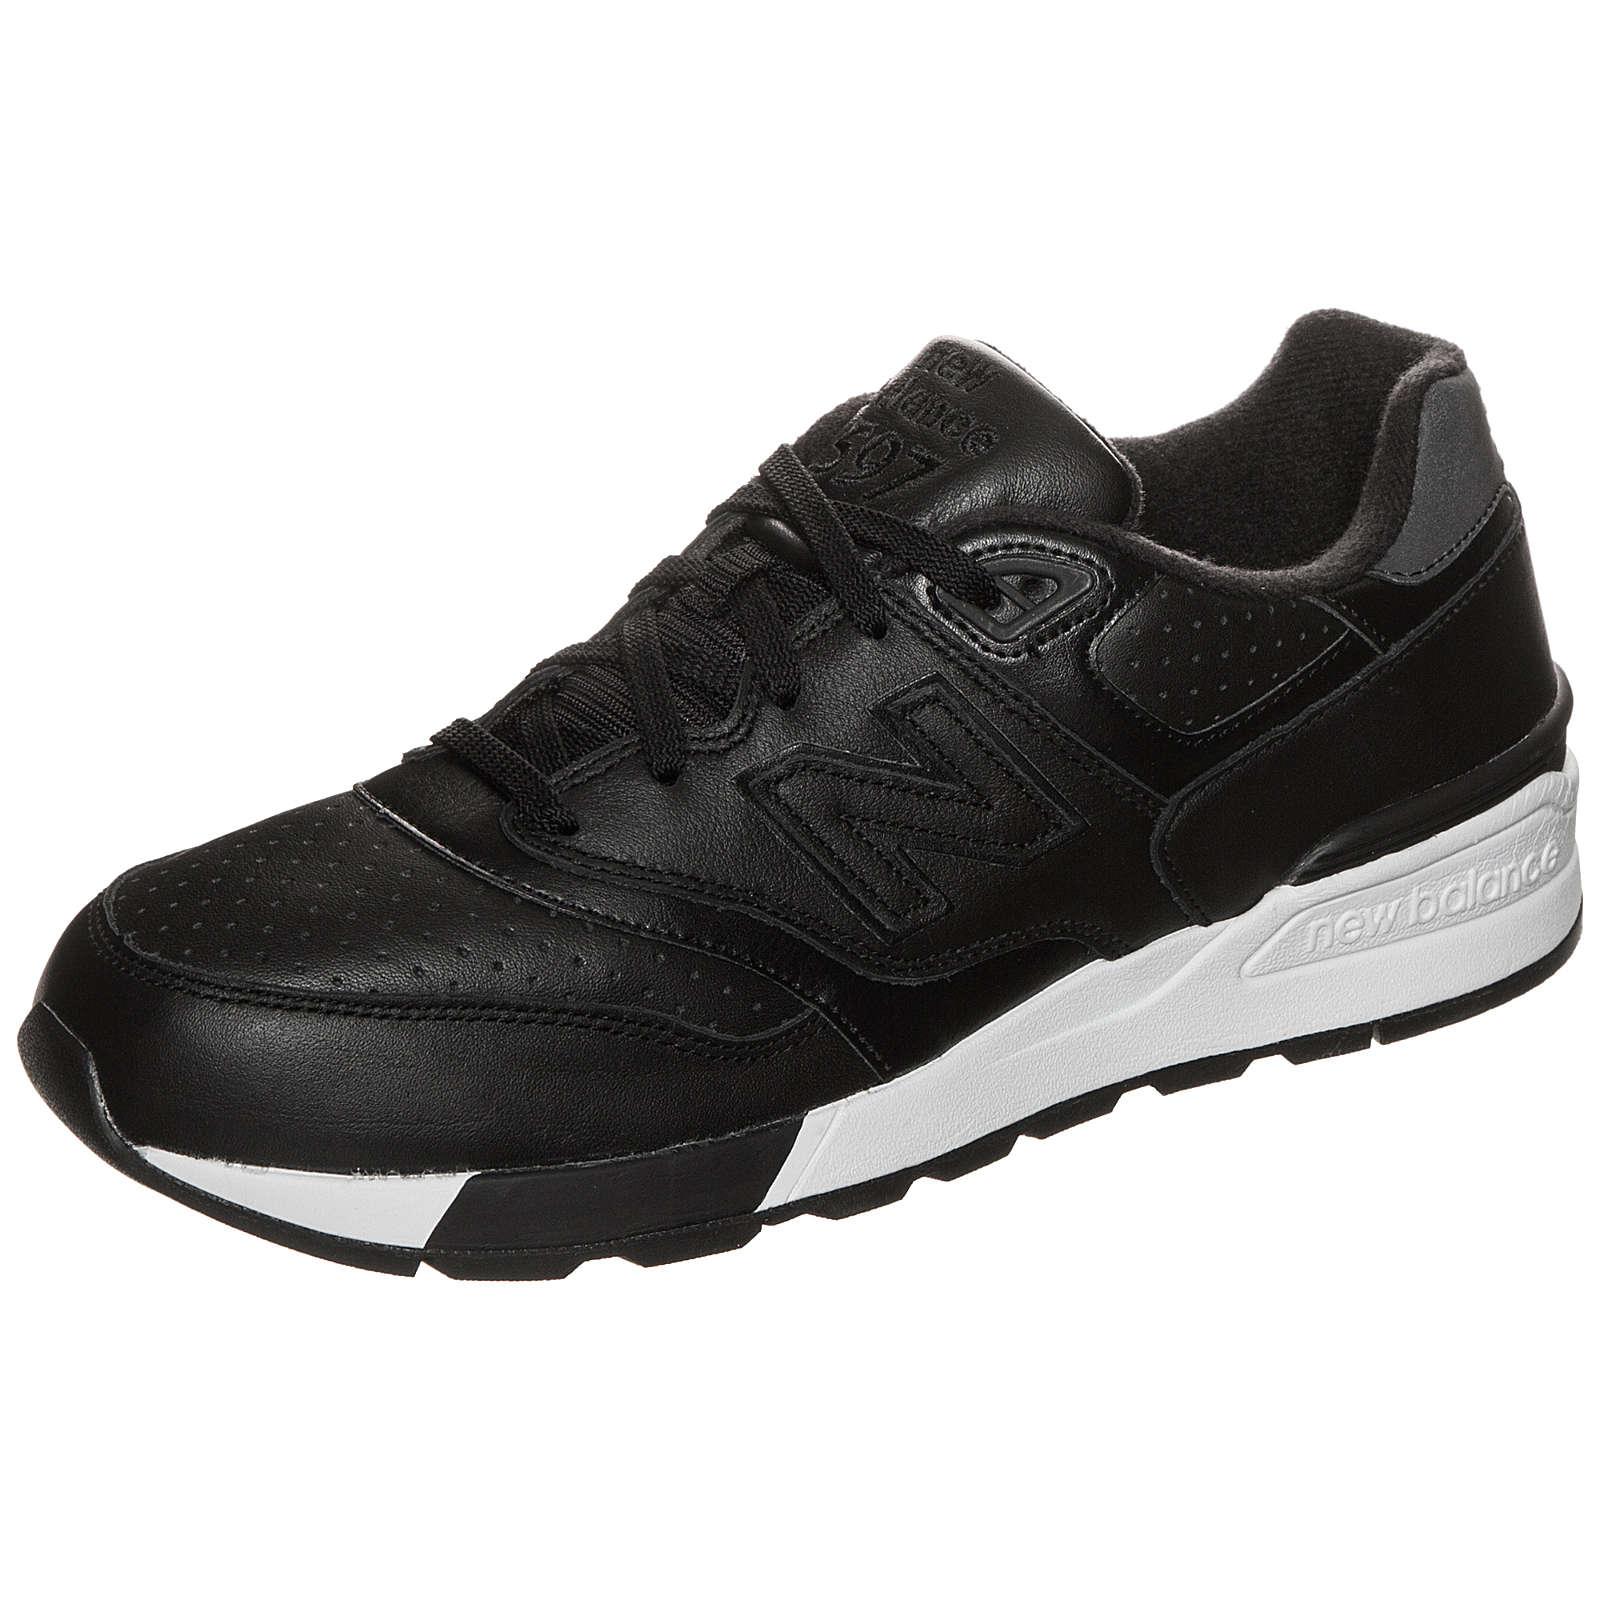 new balance Sneakers schwarz Herren Gr. 40